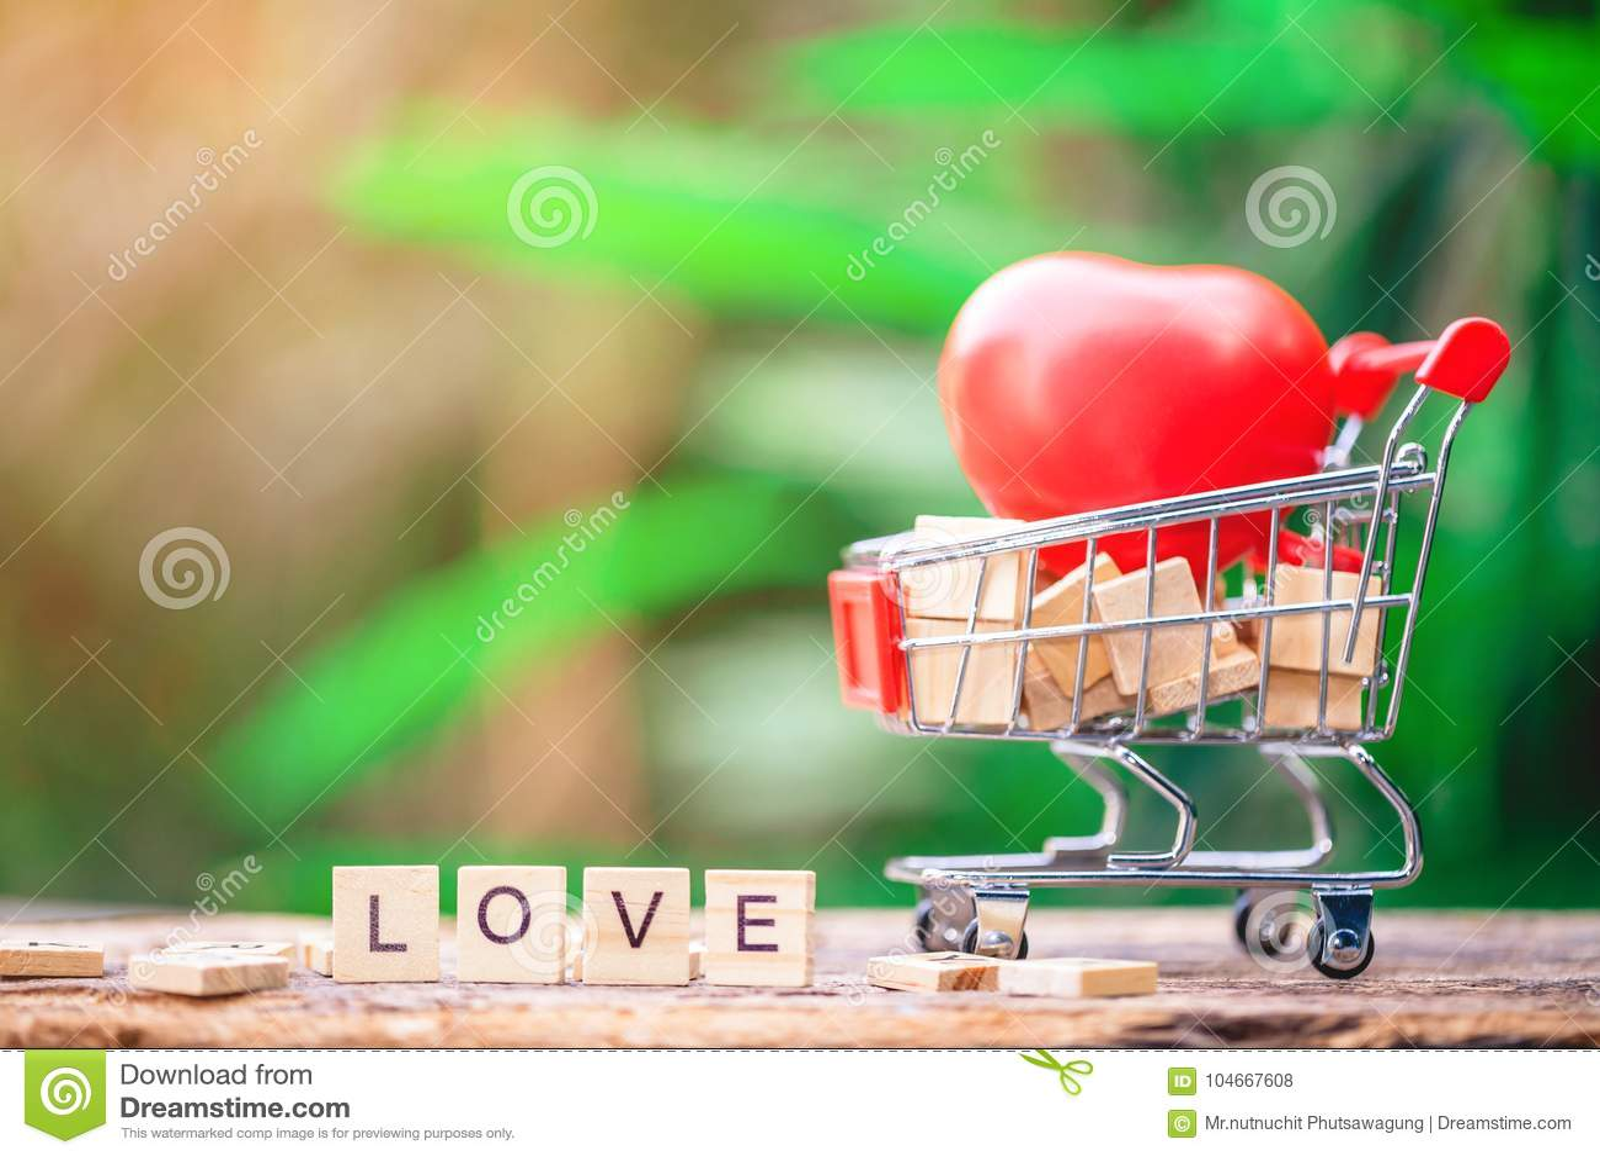 Mot Et Coeur Des Textes Damour Photo Stock Image Du Mini